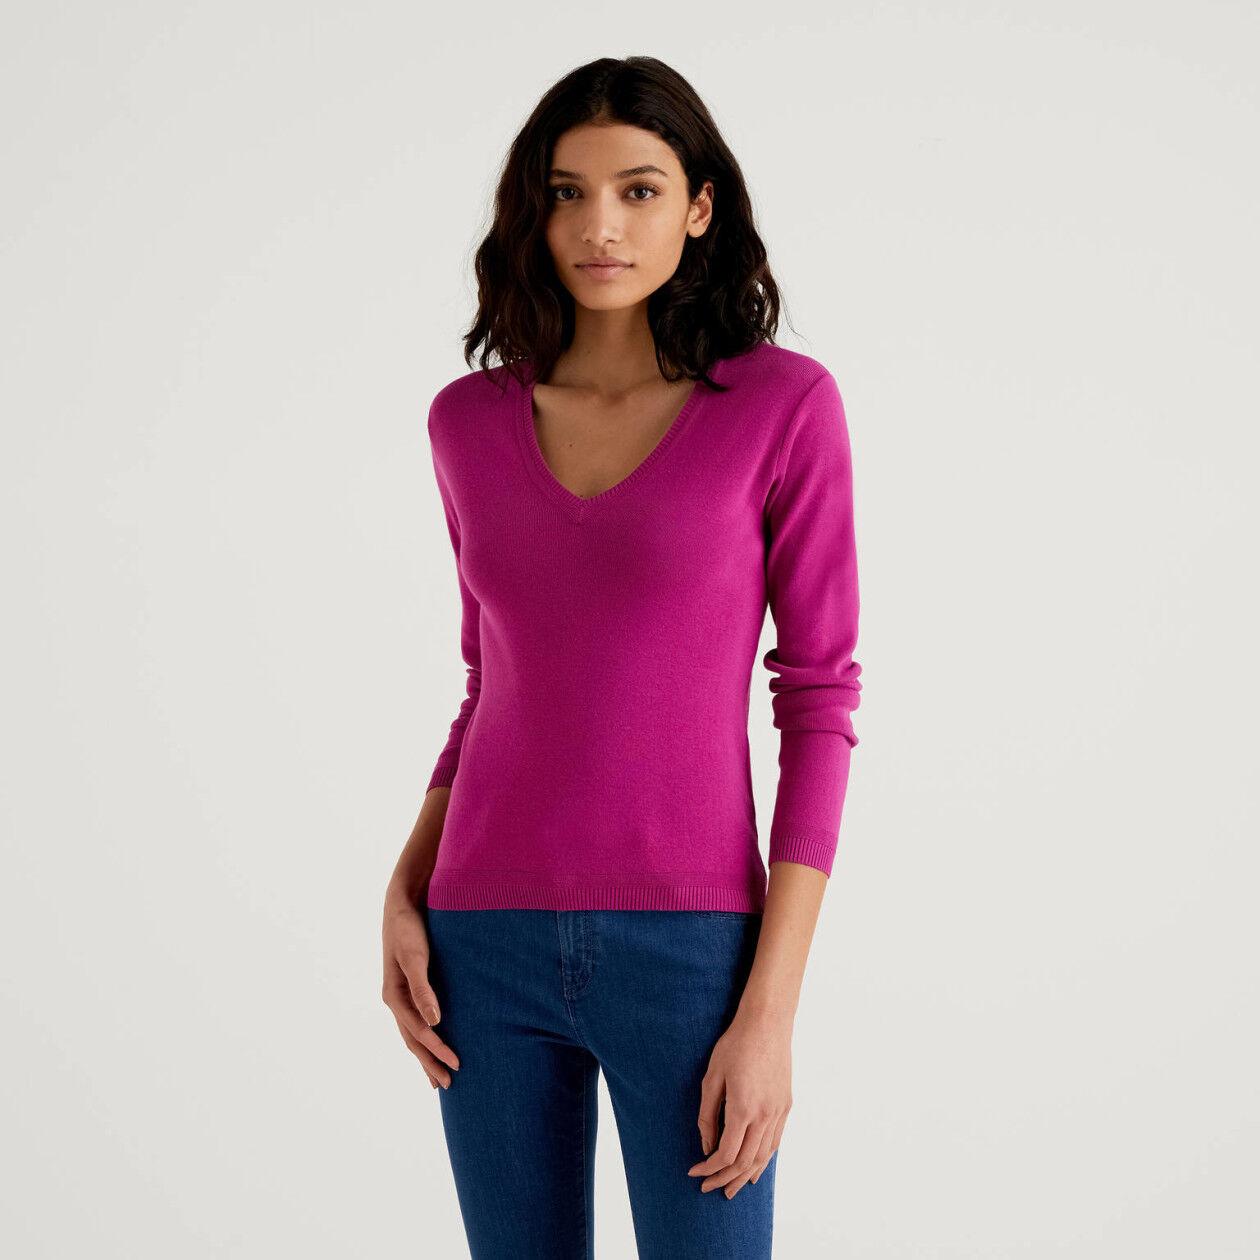 Μπλούζα με V λαιμόκοψη από βαμβακερό